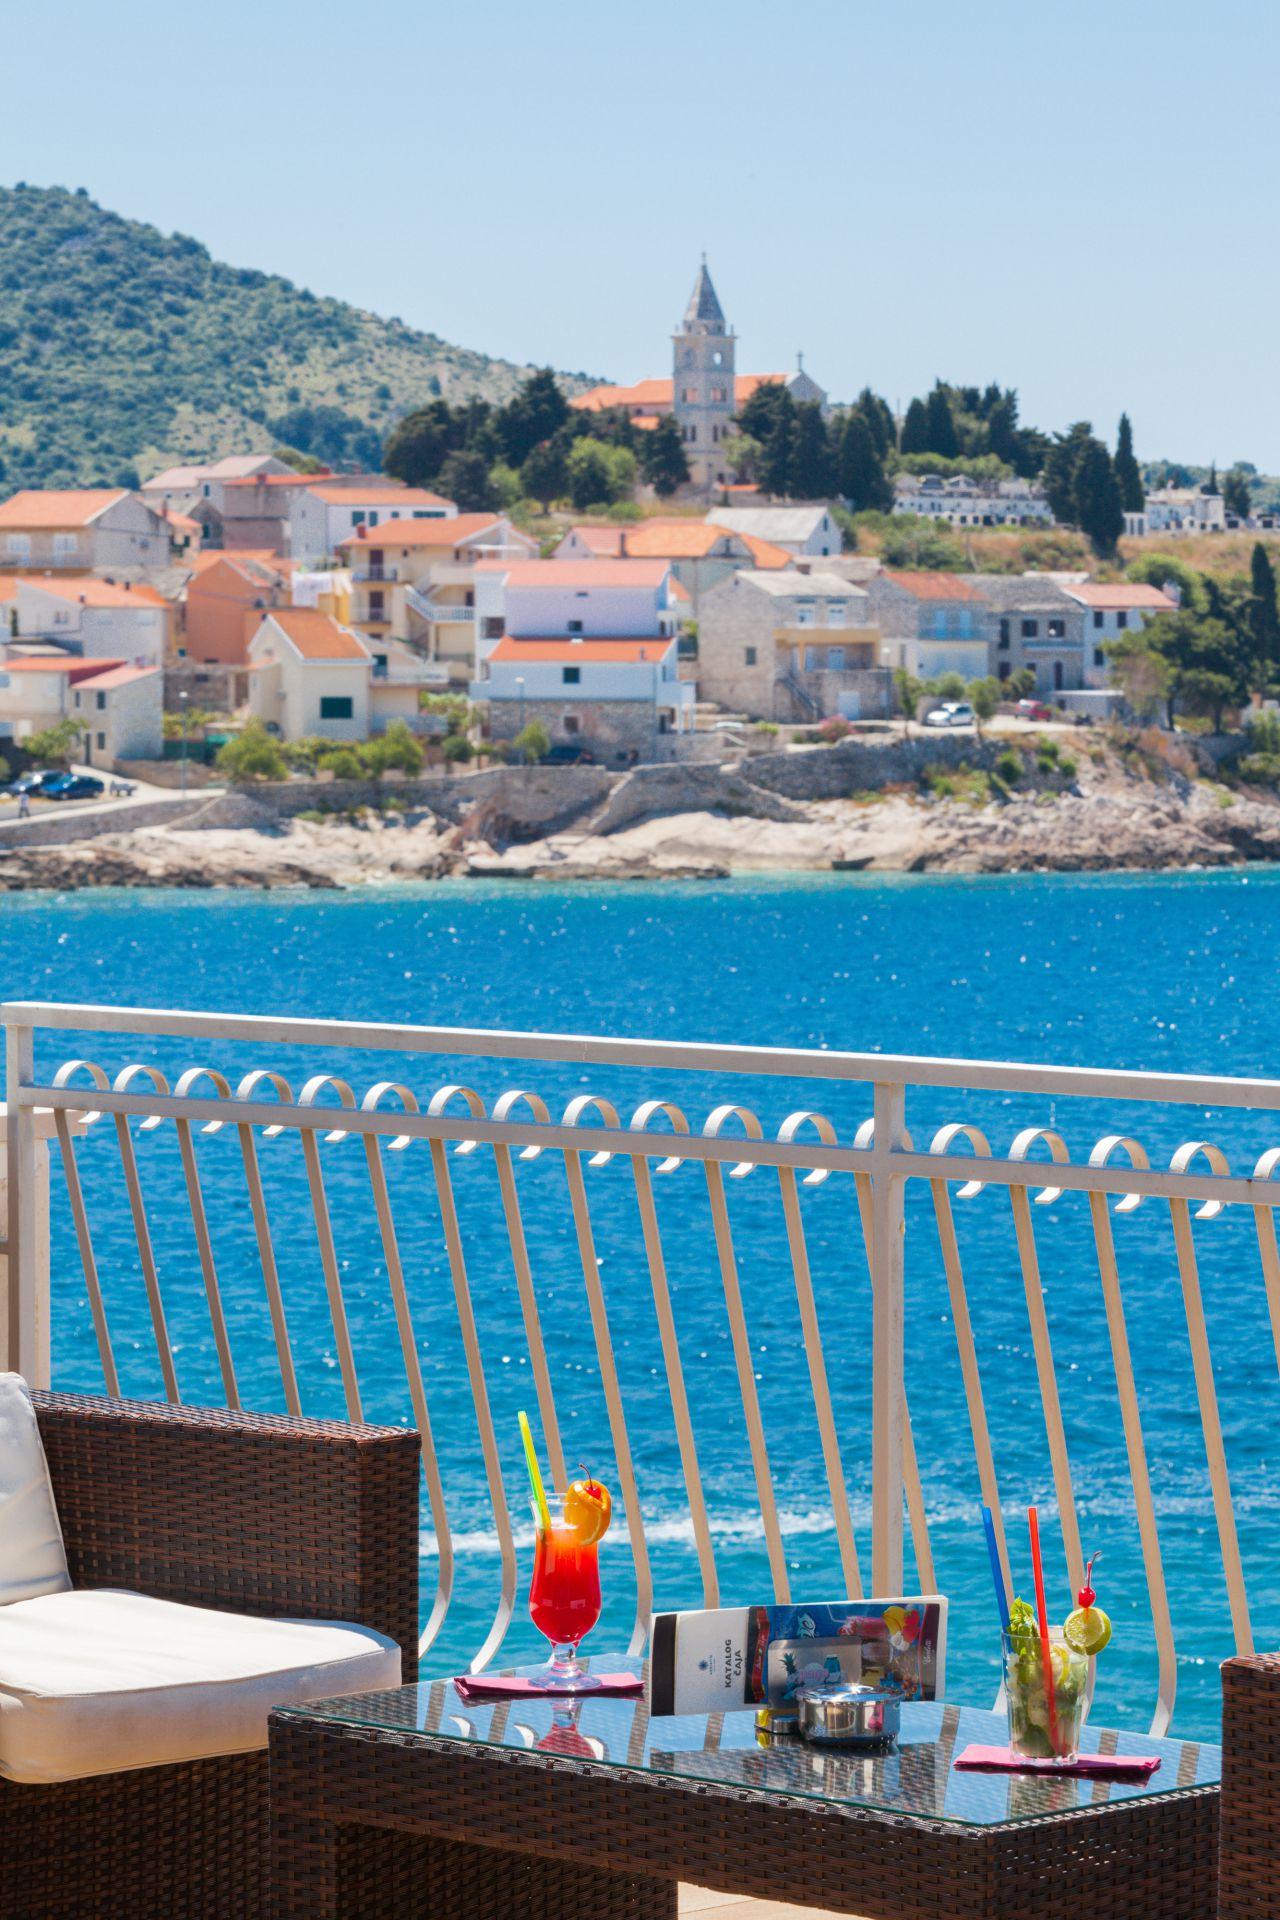 aperitif bar 08 14822623141 o - Zora Hotel